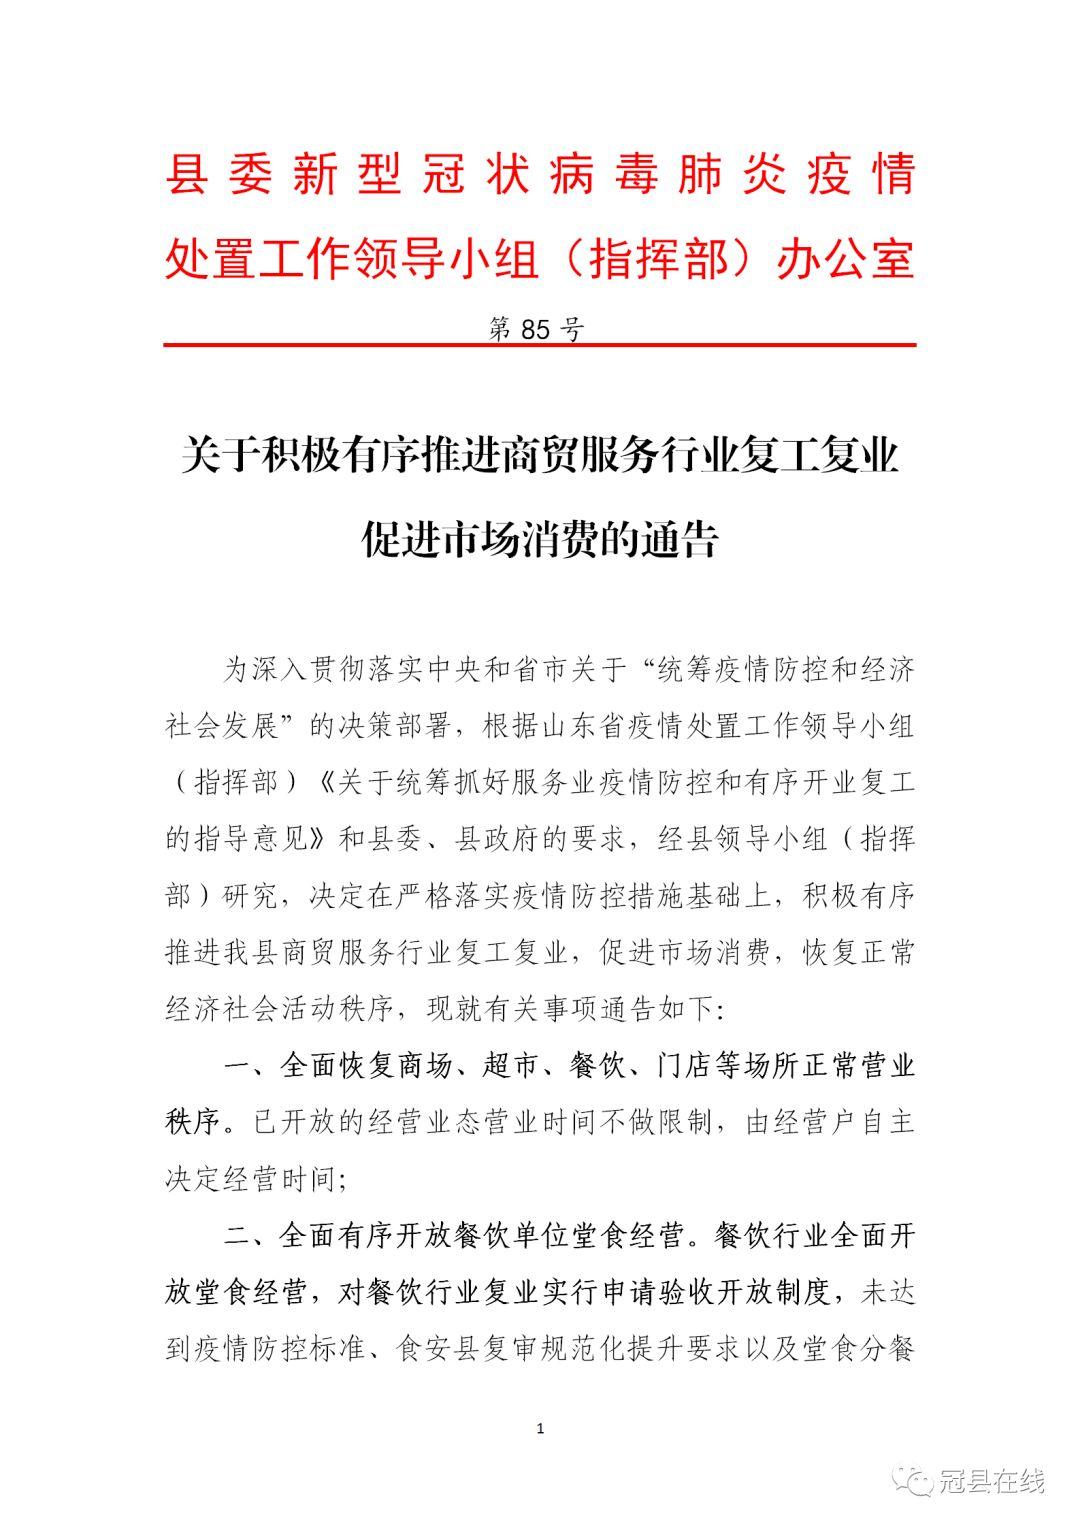 冠县关于积极有序推进商贸服务行业复工复业促进市场消费的通告